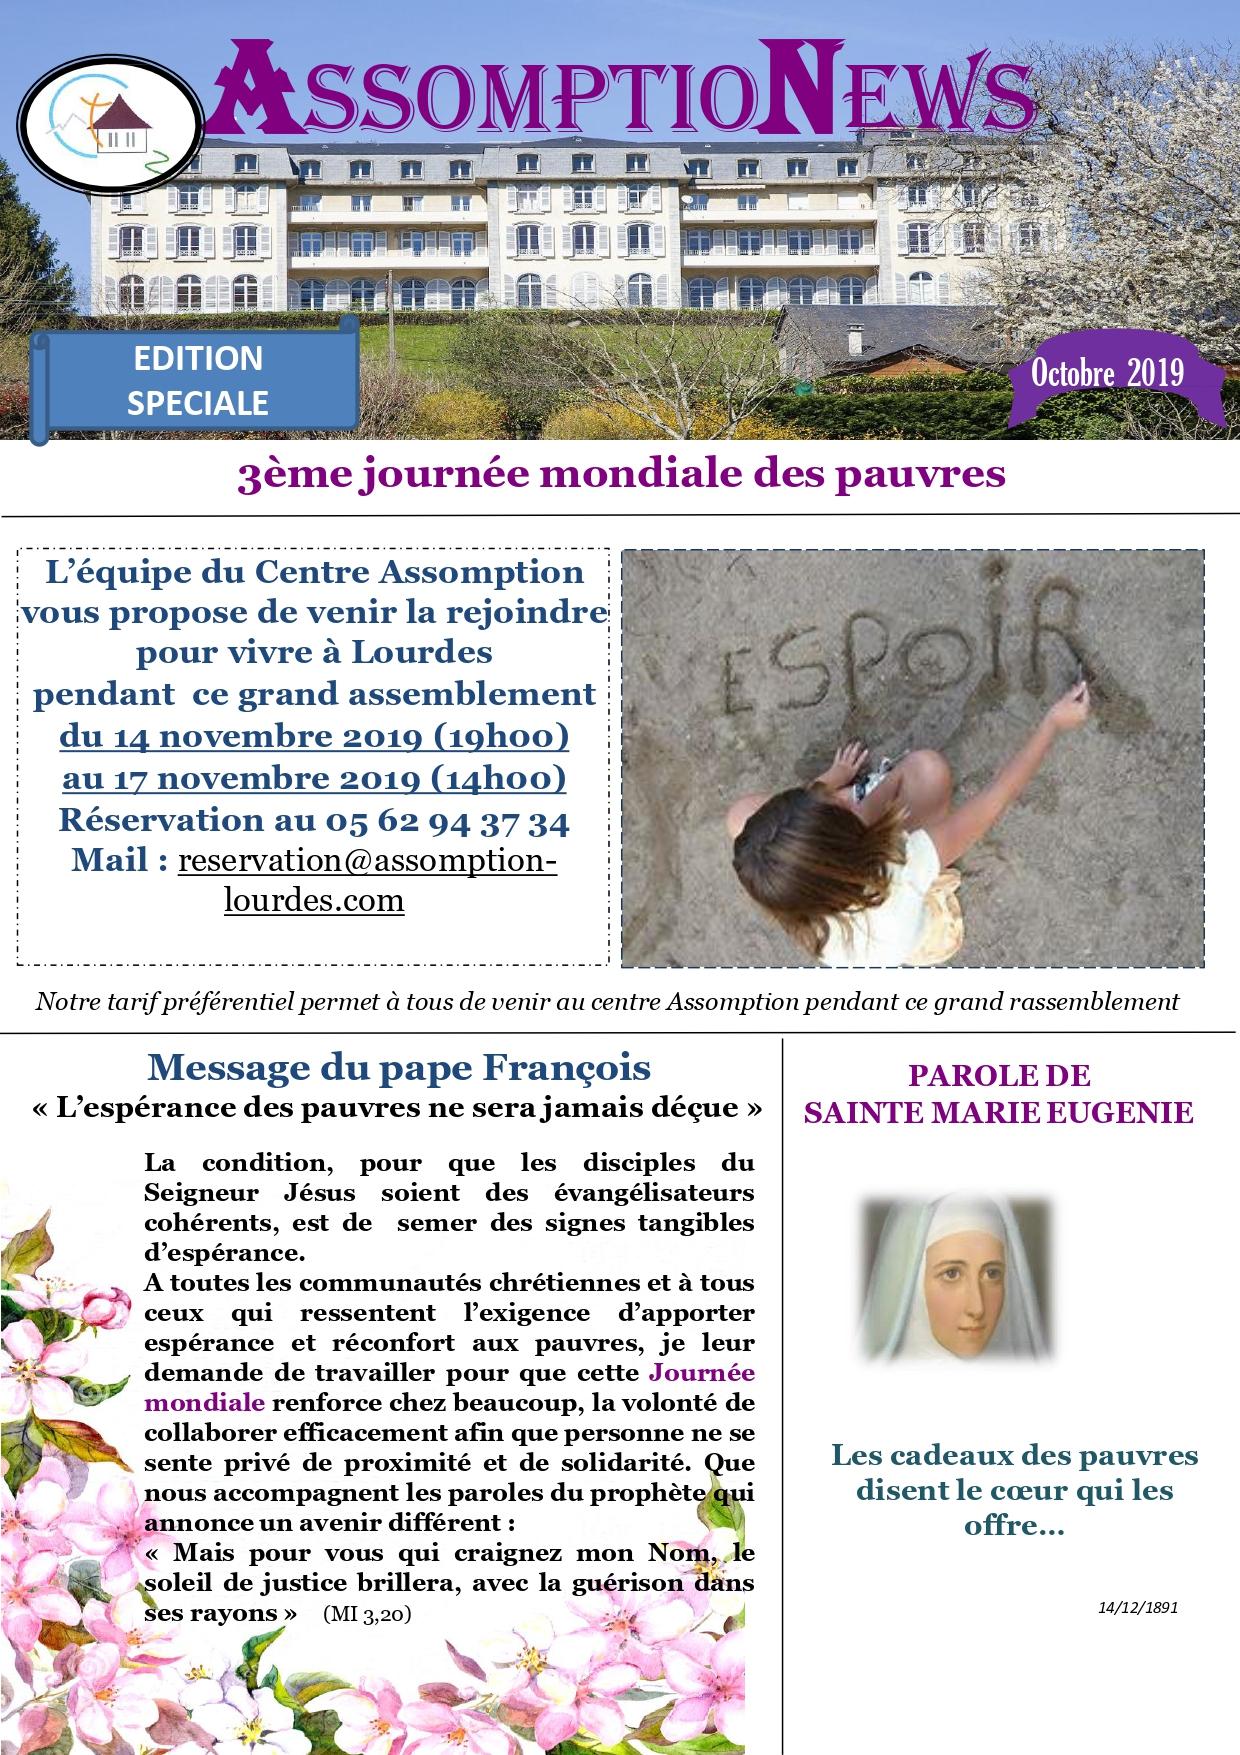 3ème journée mondiale des pauvres au Sanctuaire de Lourdes (65) du 14 au 17 novembre 2019